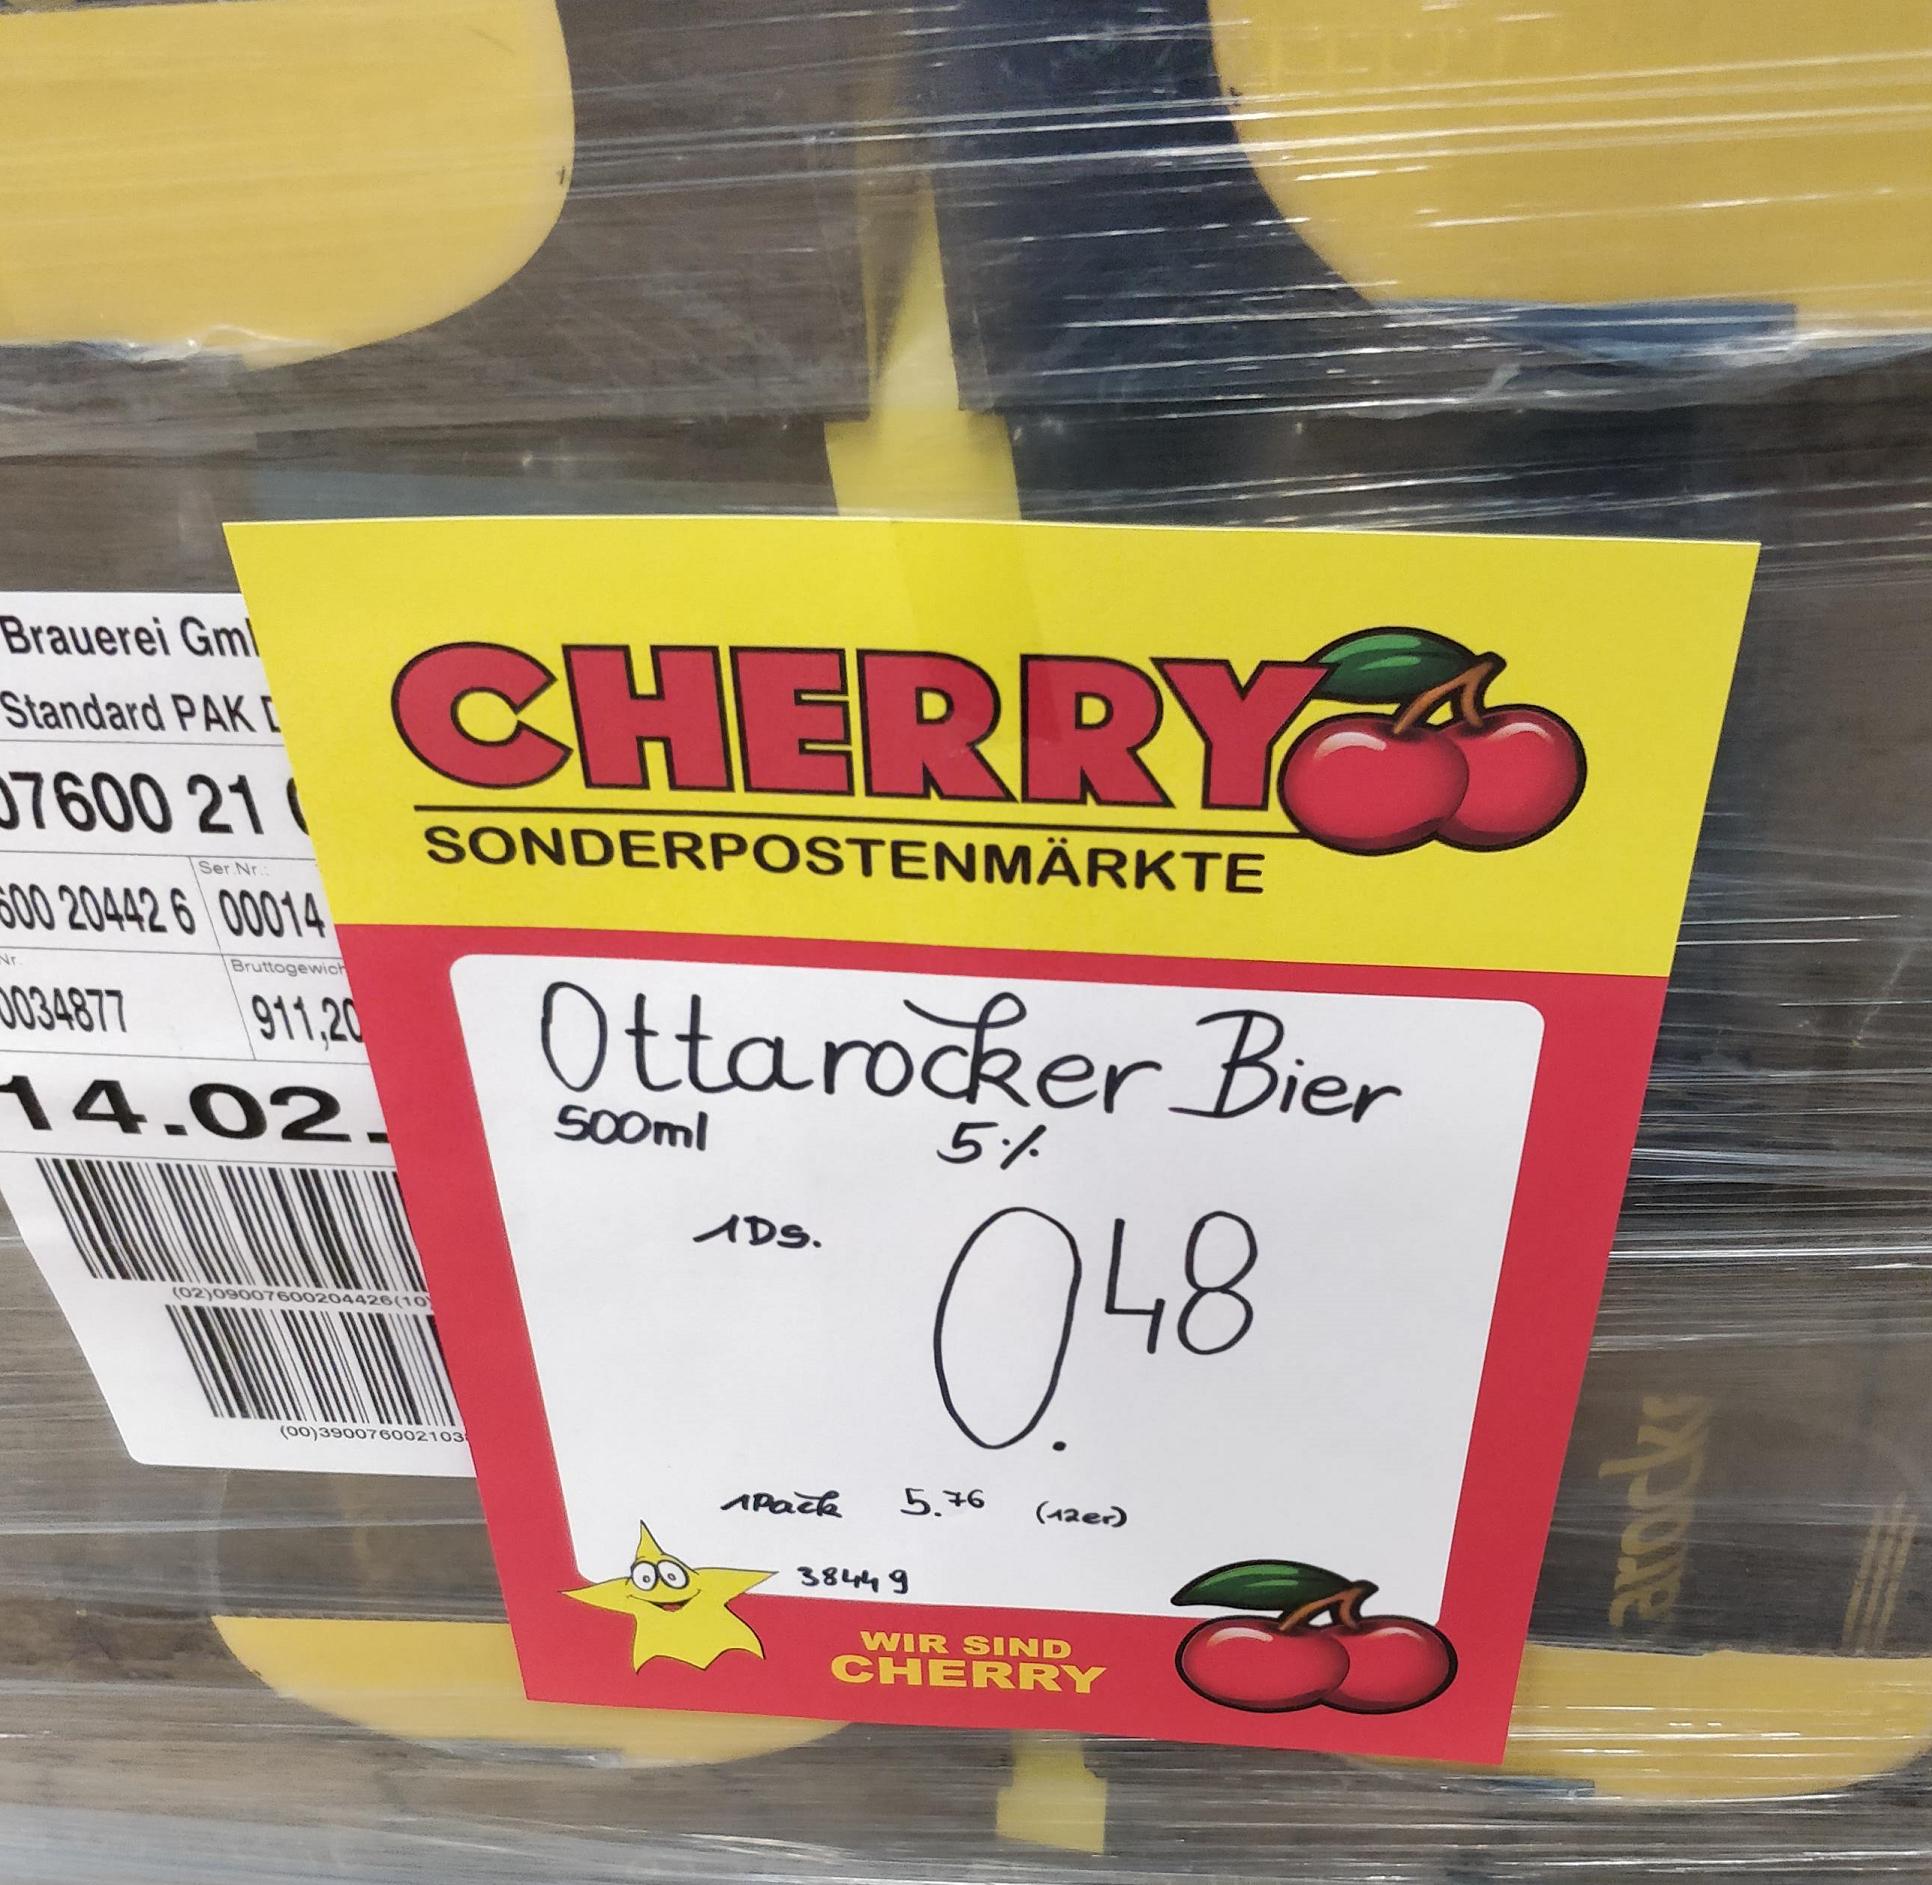 Ottarocker [Cherry St. Pölten + G3]